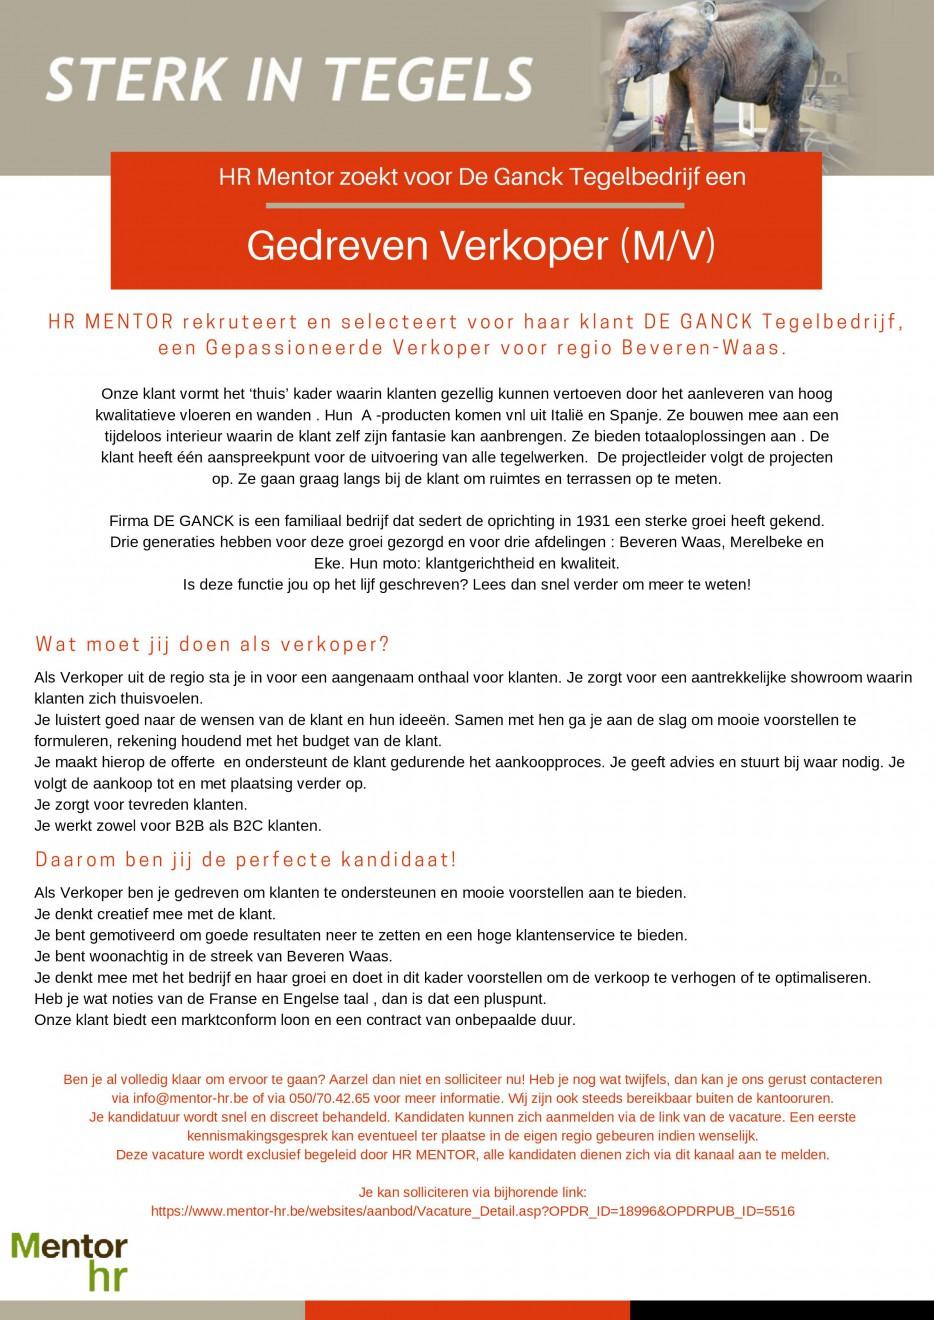 Gedreven verkoper bij Tegelbedrijf De Ganck te Beveren-Waas